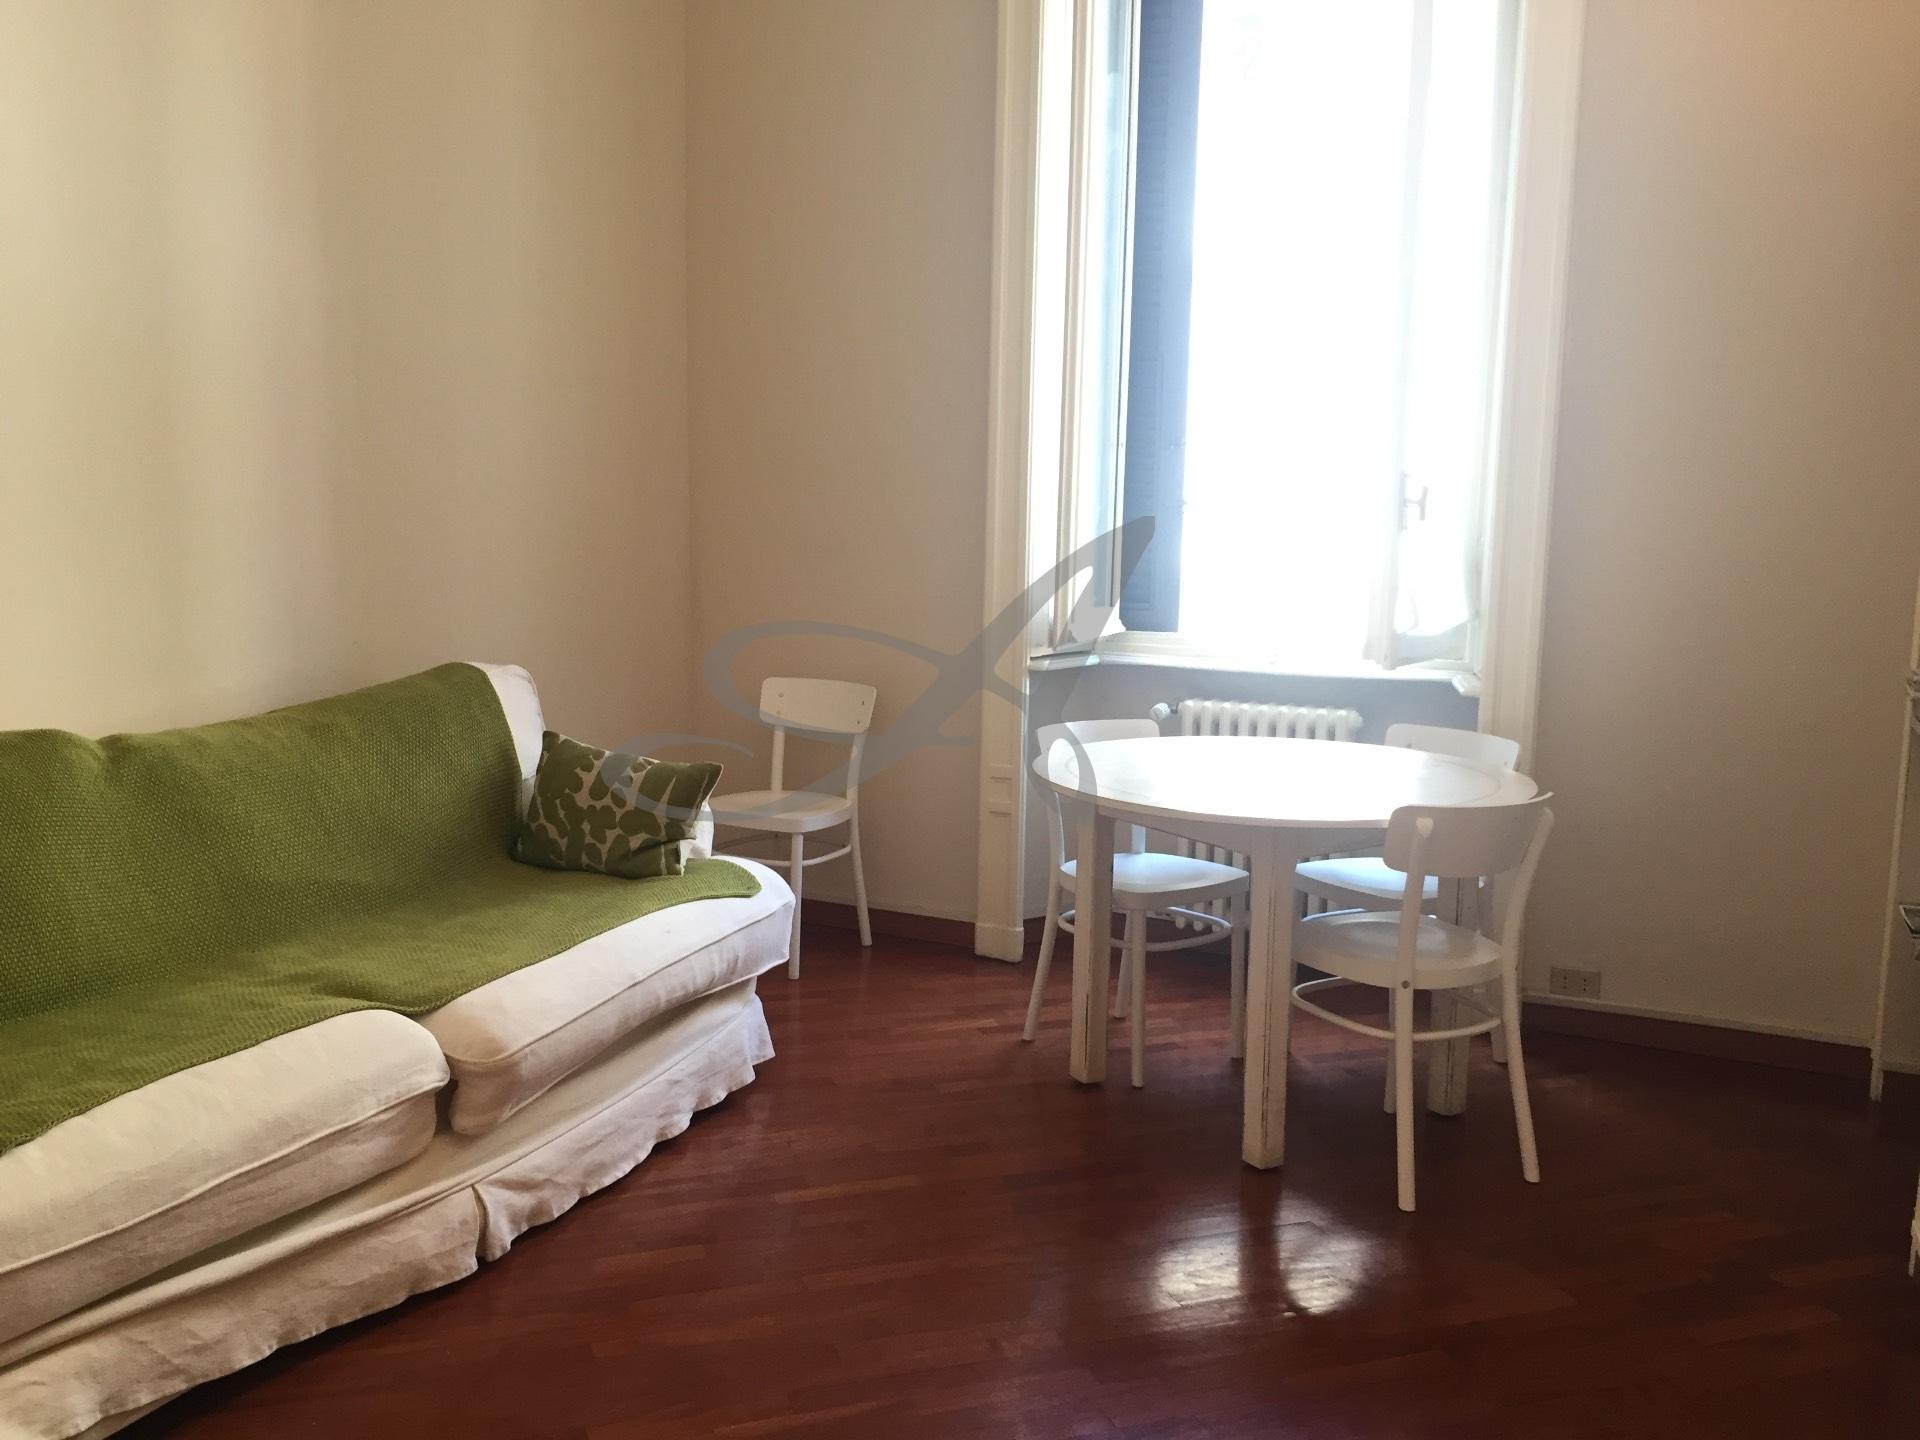 affitto appartamento milano vercelli  1600 euro  2 locali  70 mq